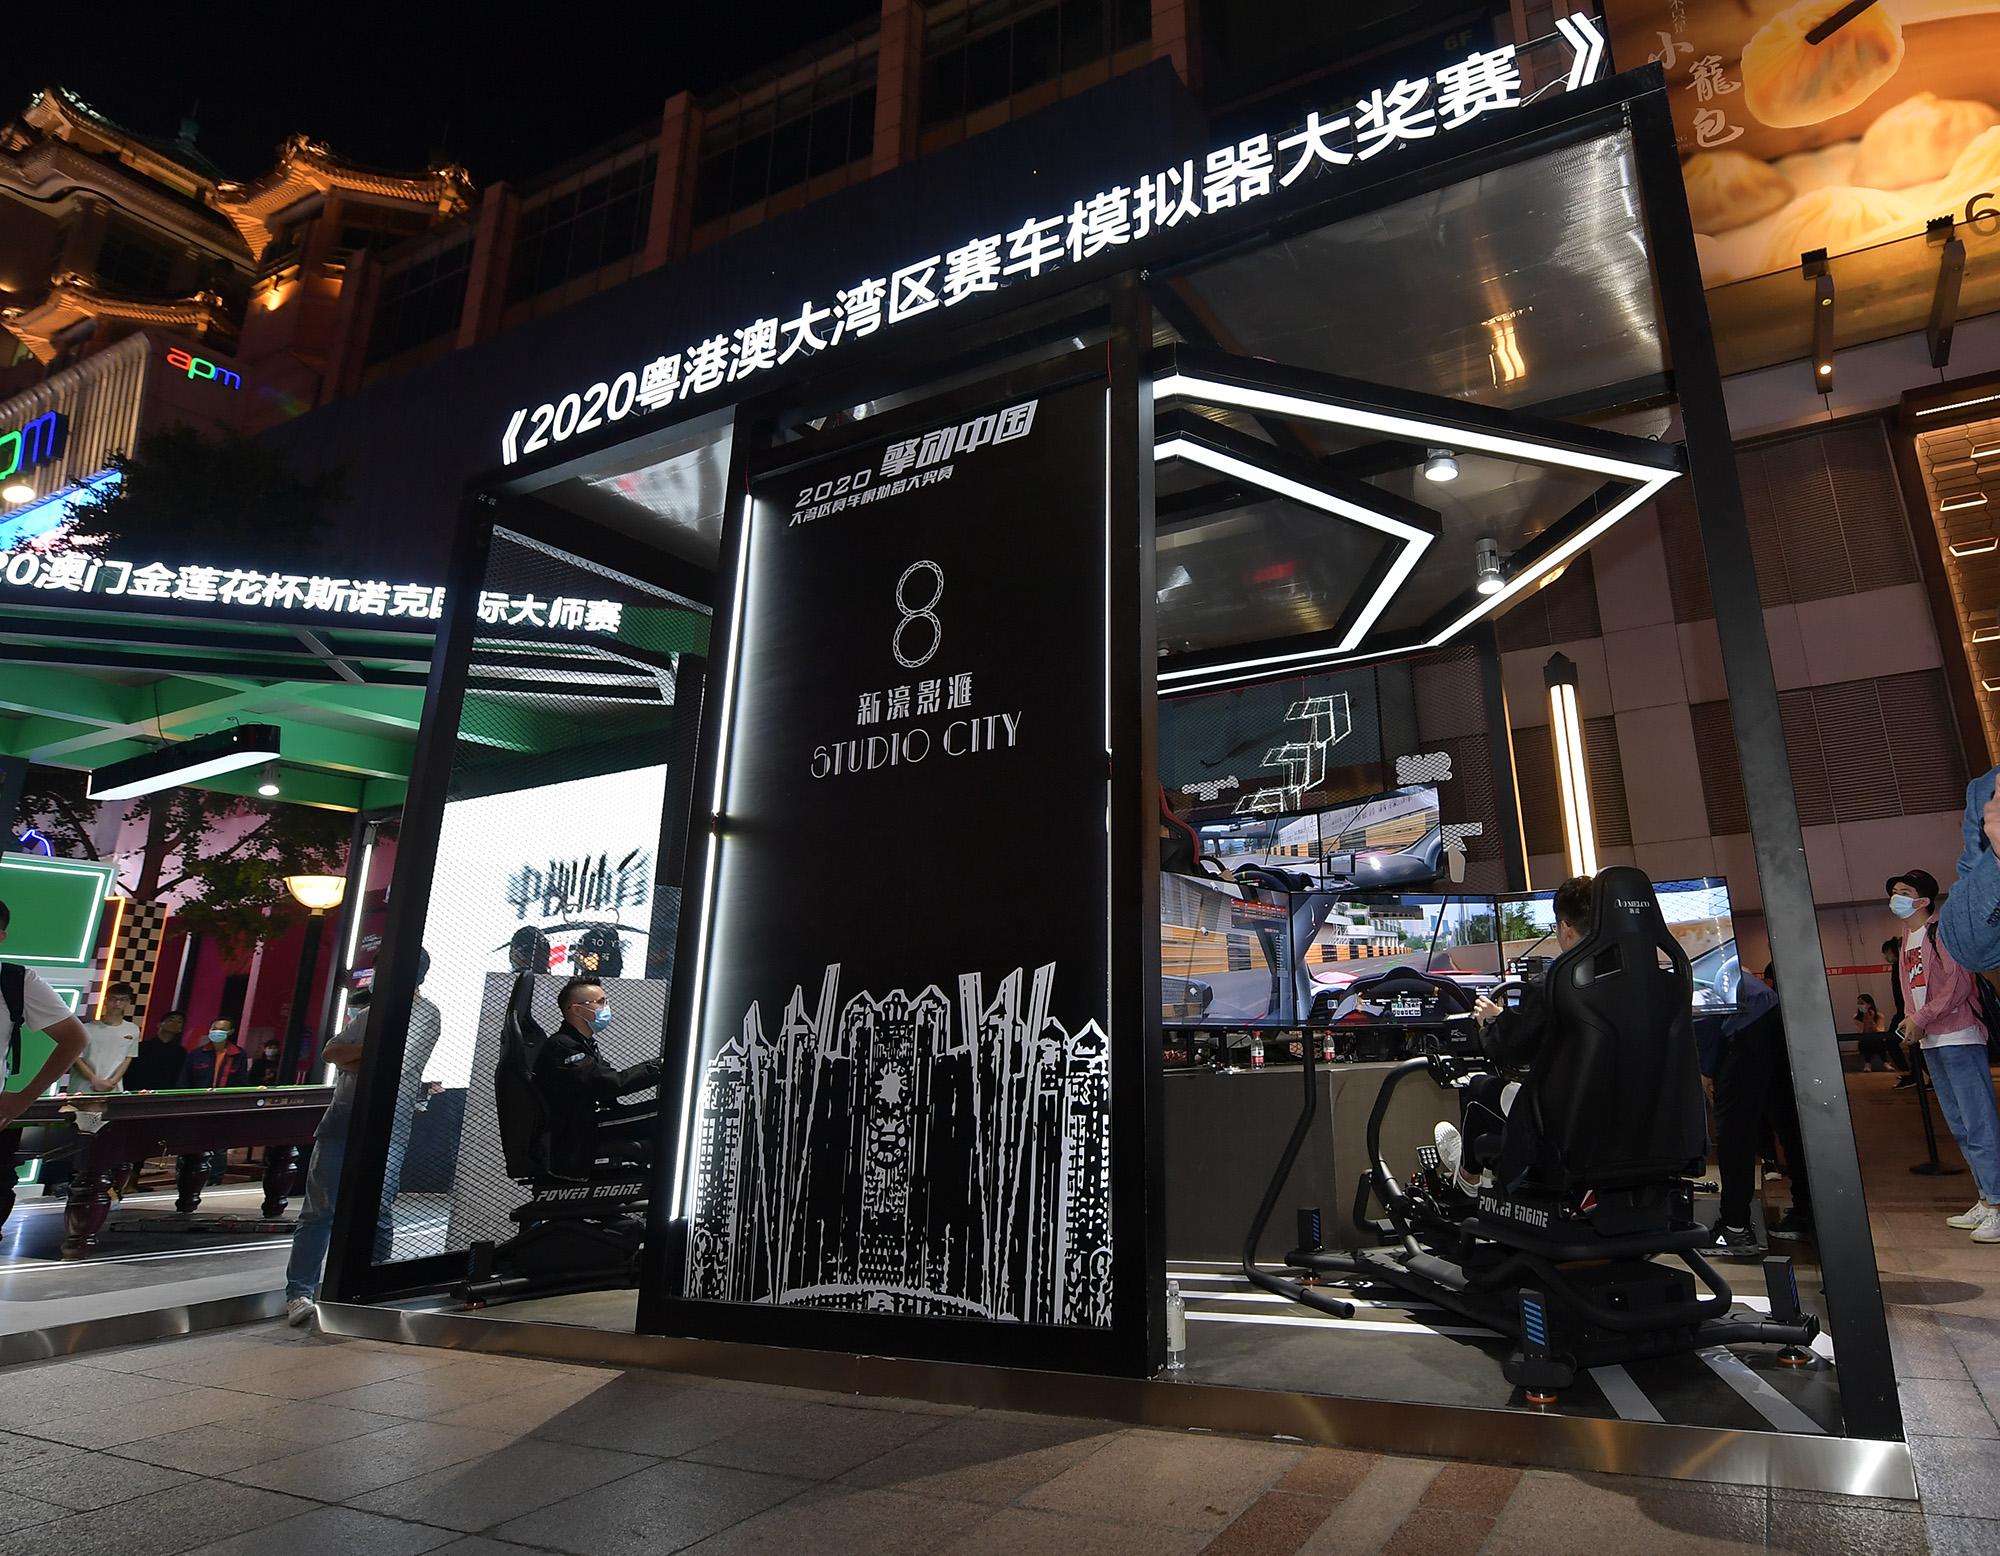 「北京澳門周」開幕 多項粵港澳體育賽事將啟動